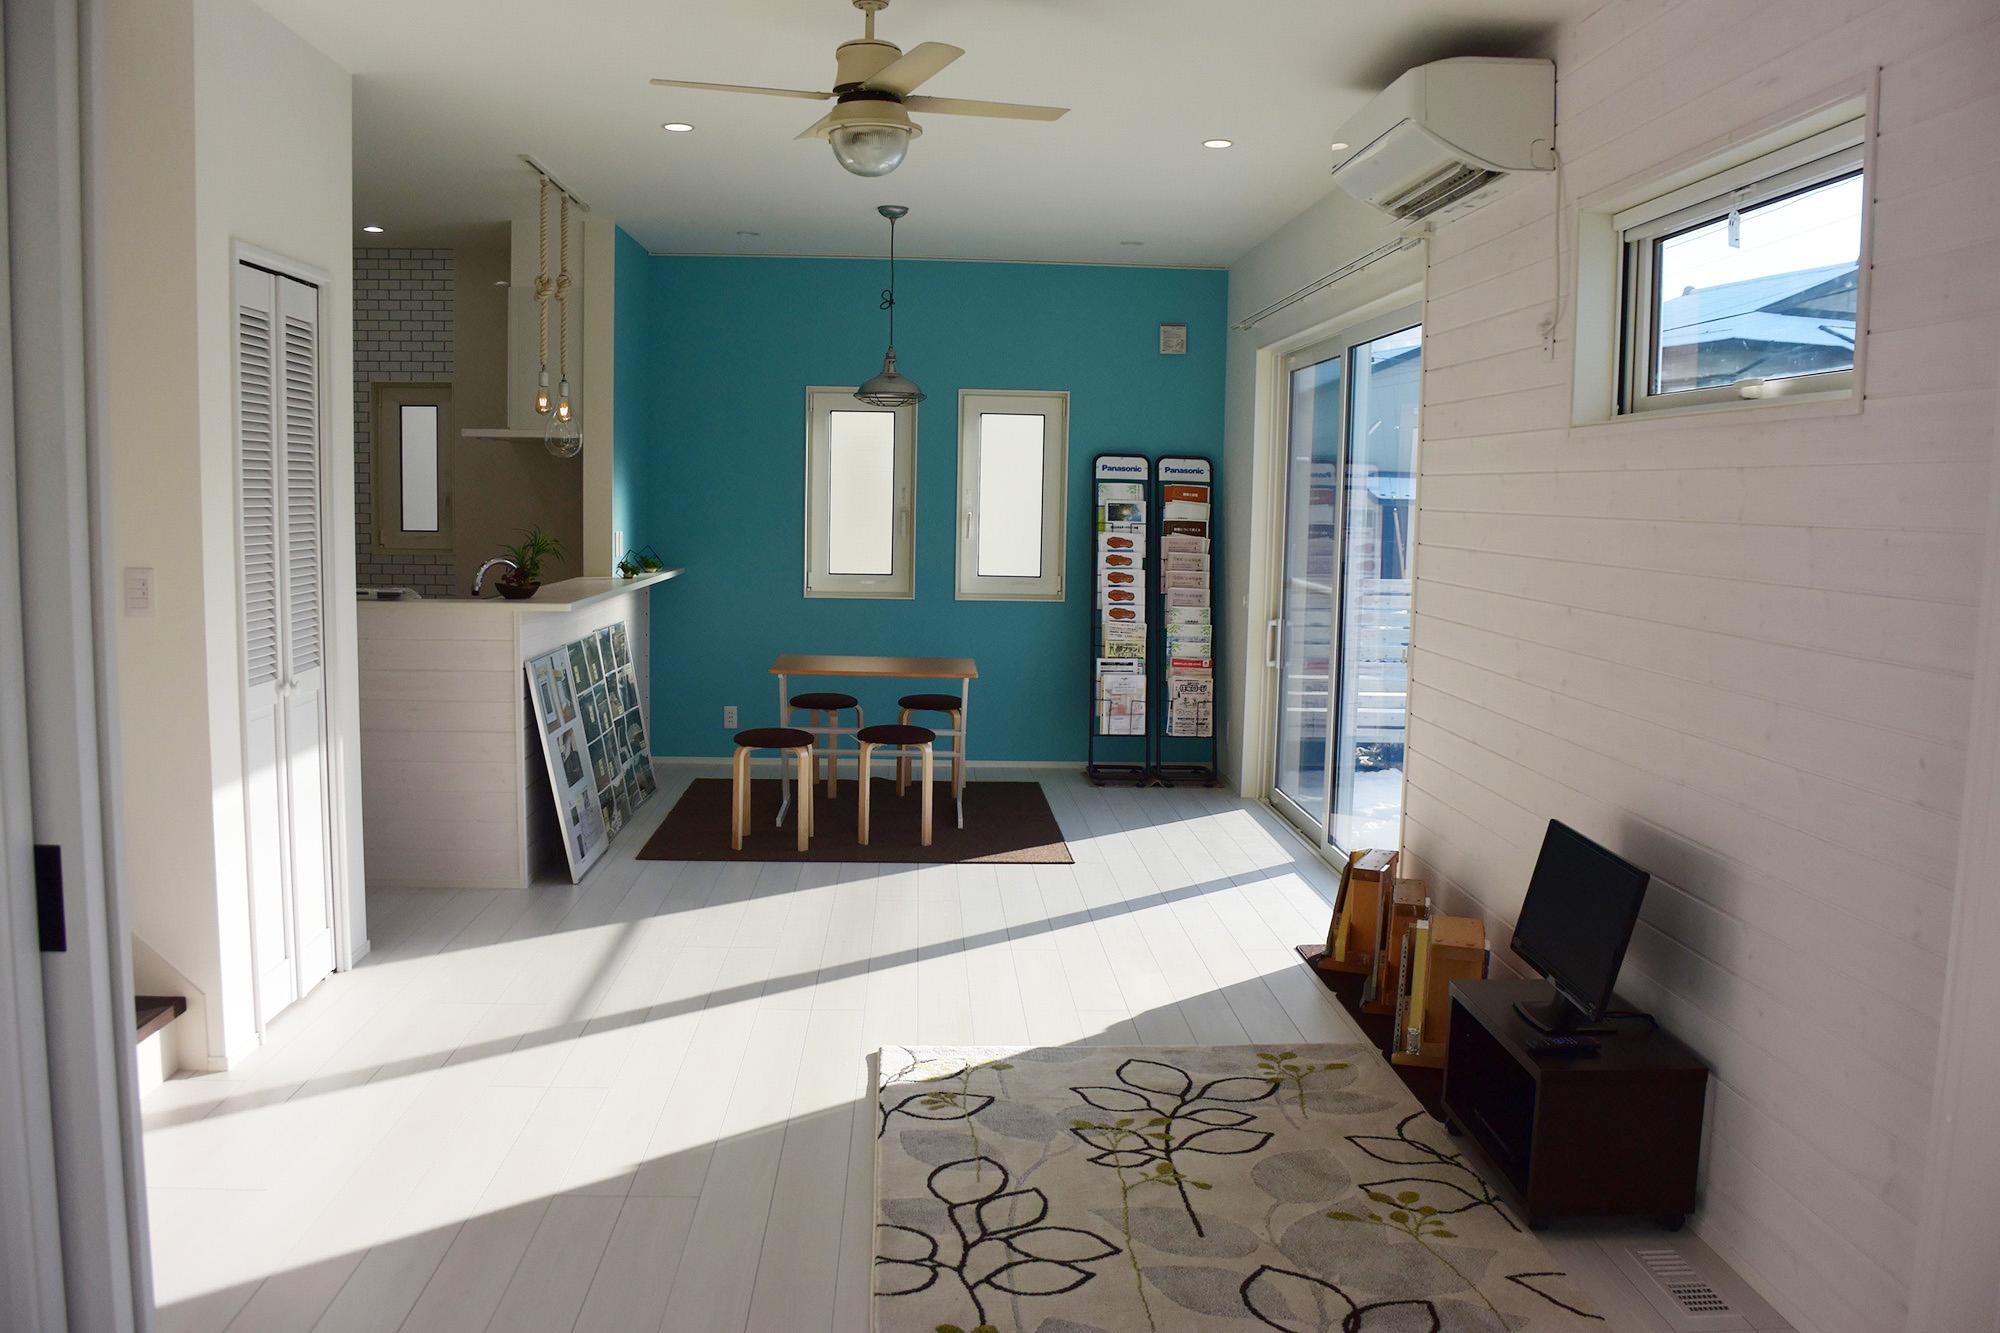 ハイセンスなリビングキッチン。天井にはシーリングファンも設置。照明も工夫が凝らされ、驚くほどおしゃれな空間です。